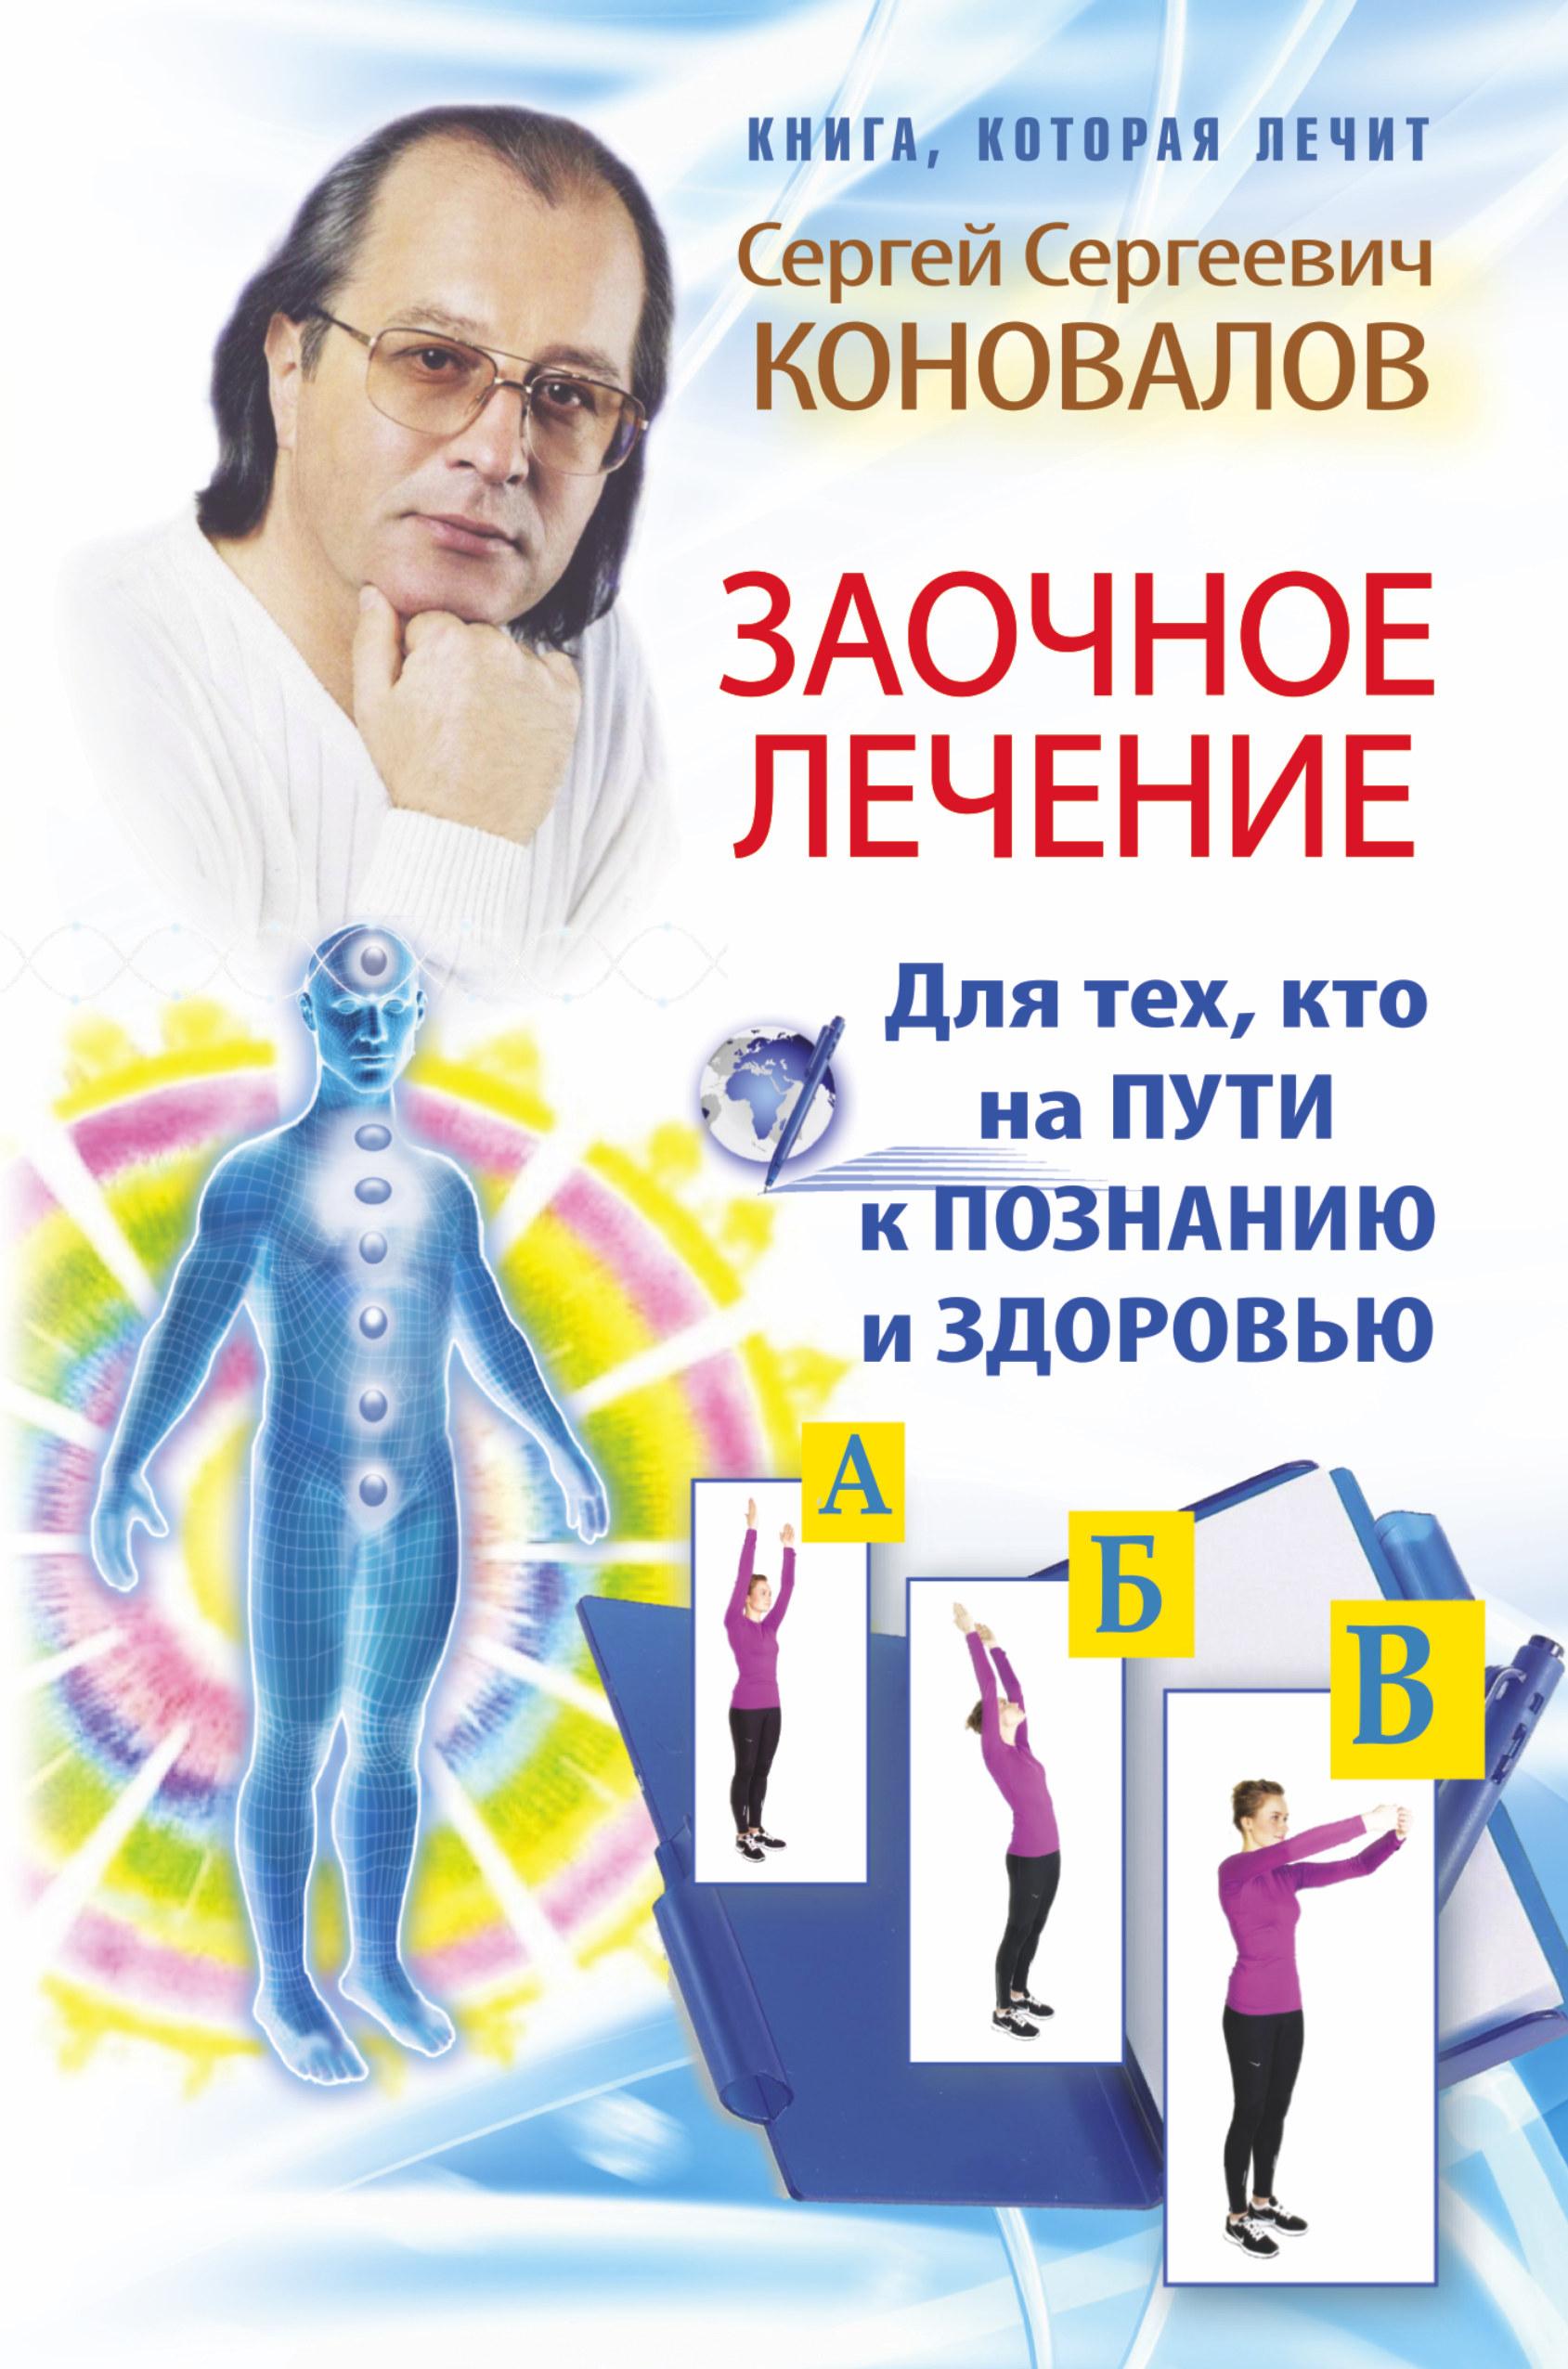 Коновалов С.С. Заочное лечение. Для тех, кто на Пути к Познанию и Здоровью